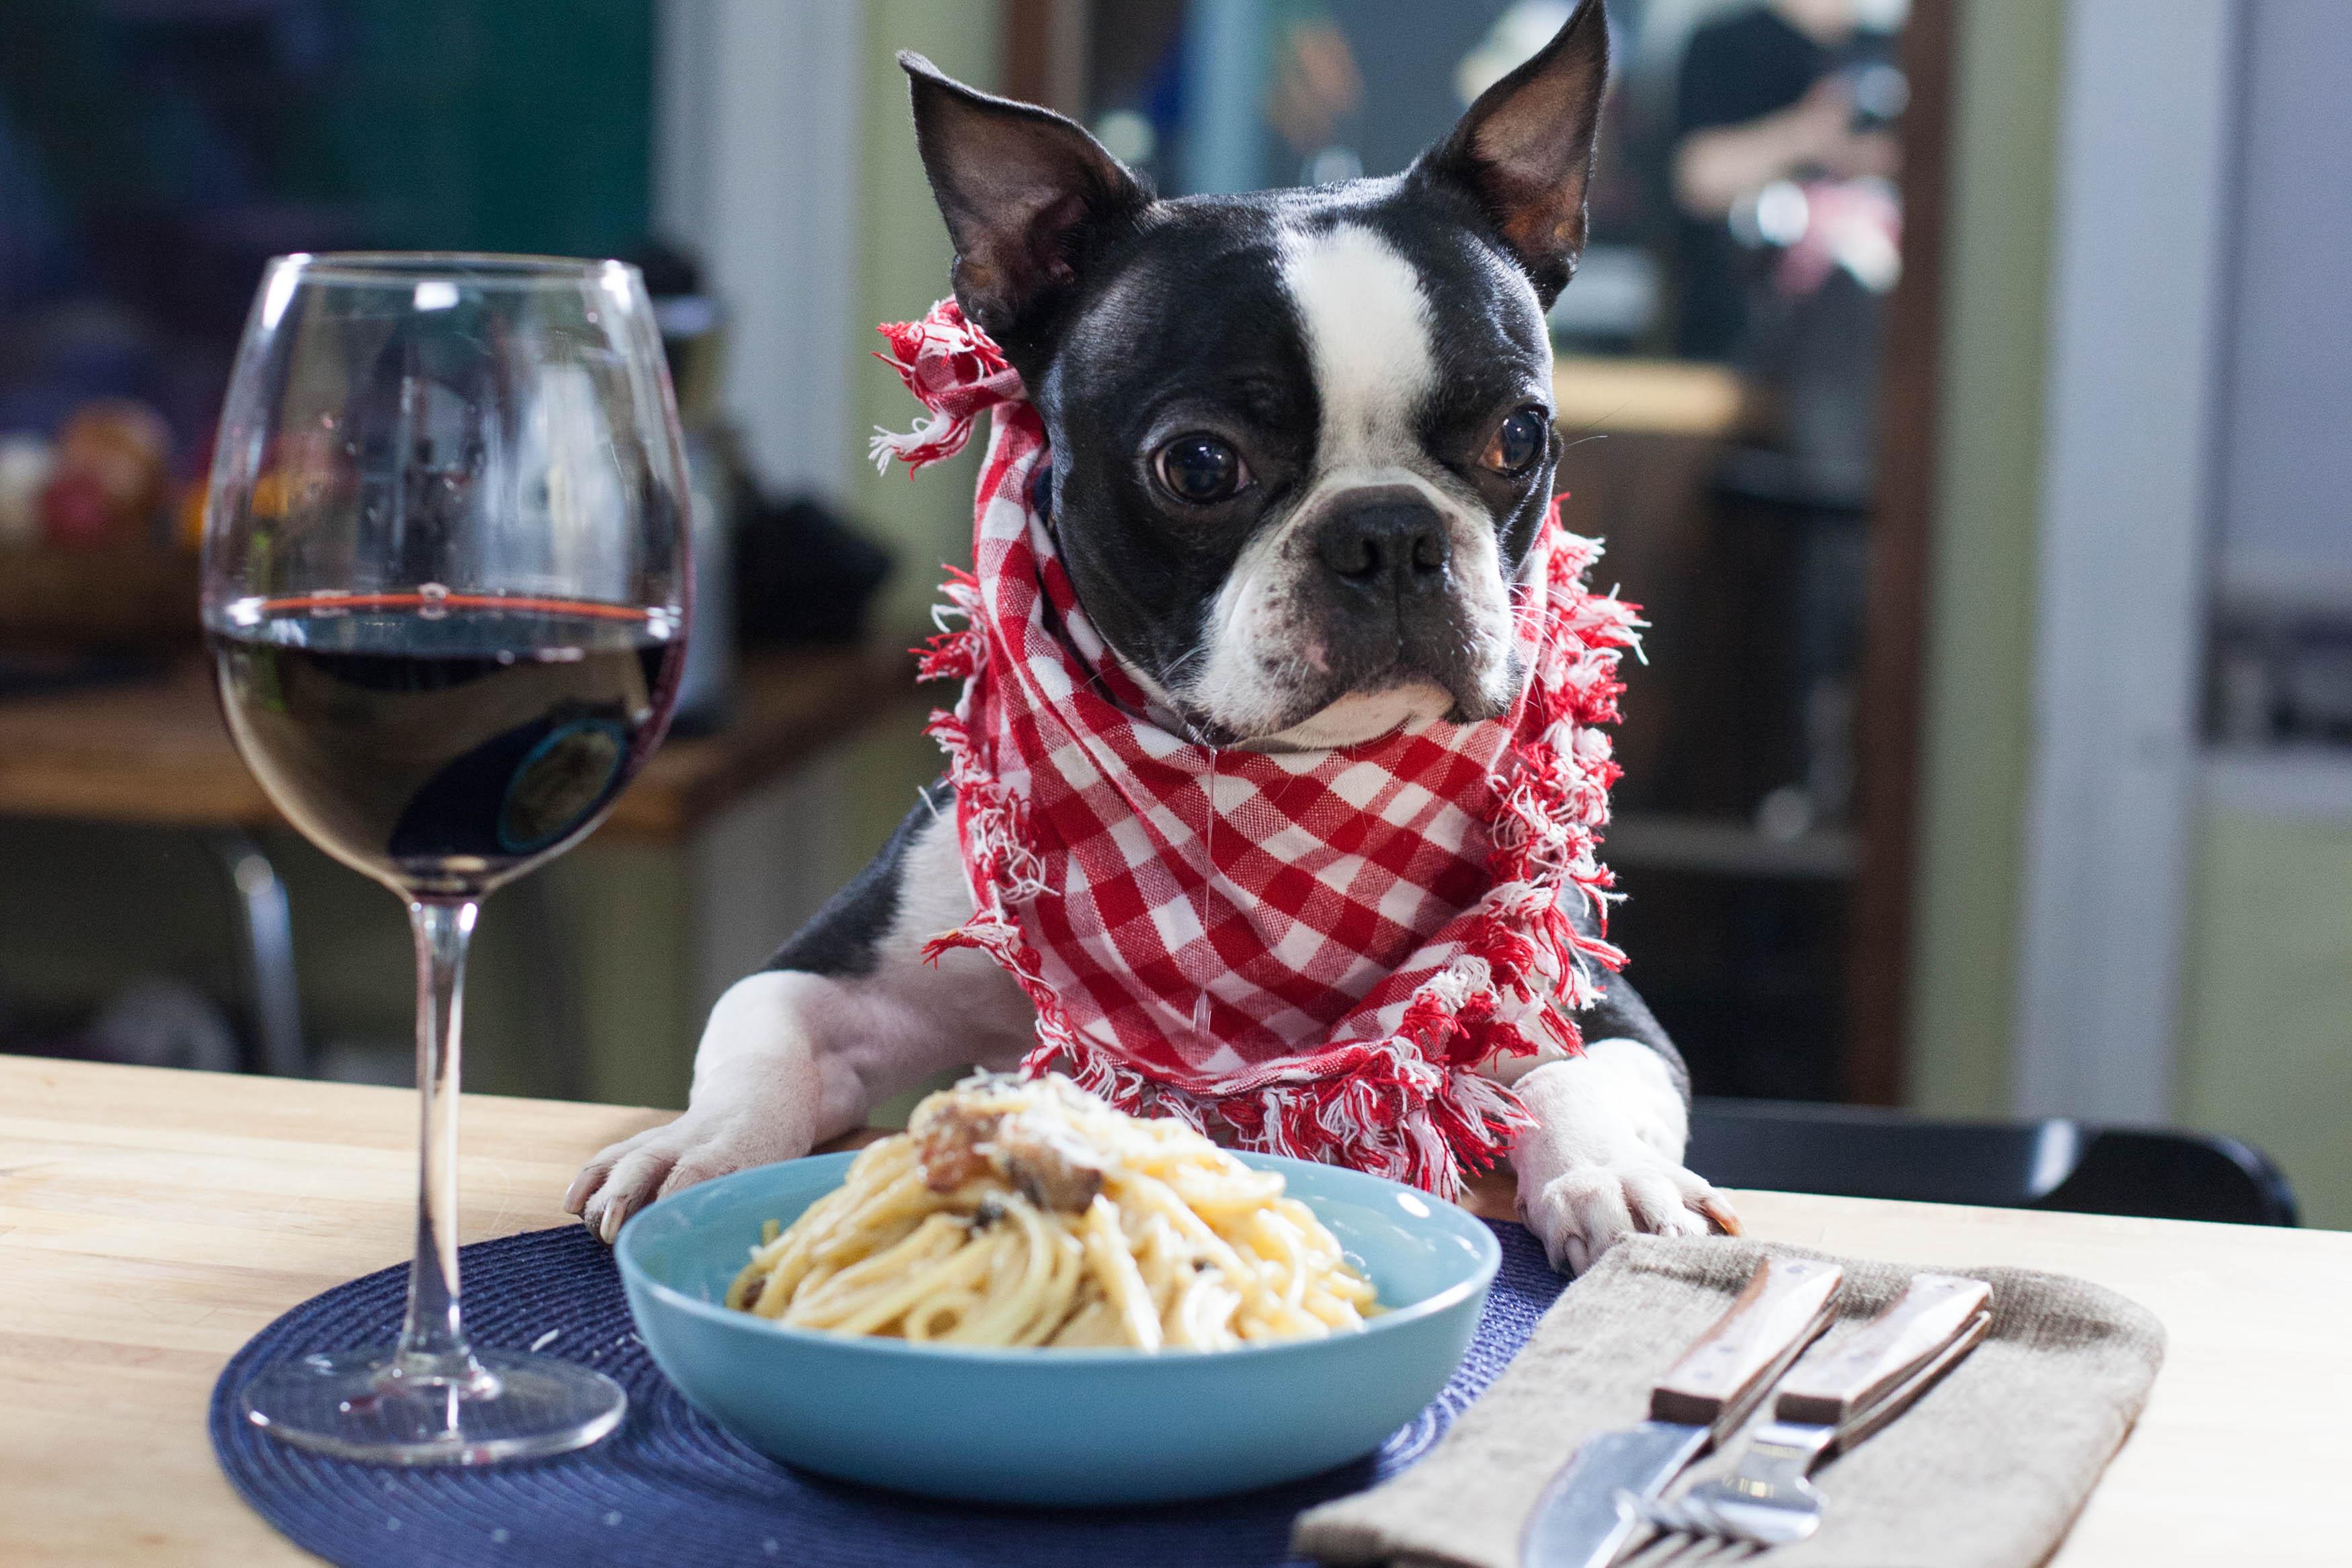 Donner de la nourriture à son chien à table et conséquences - Page 2 2014-04-01-IMG_9879